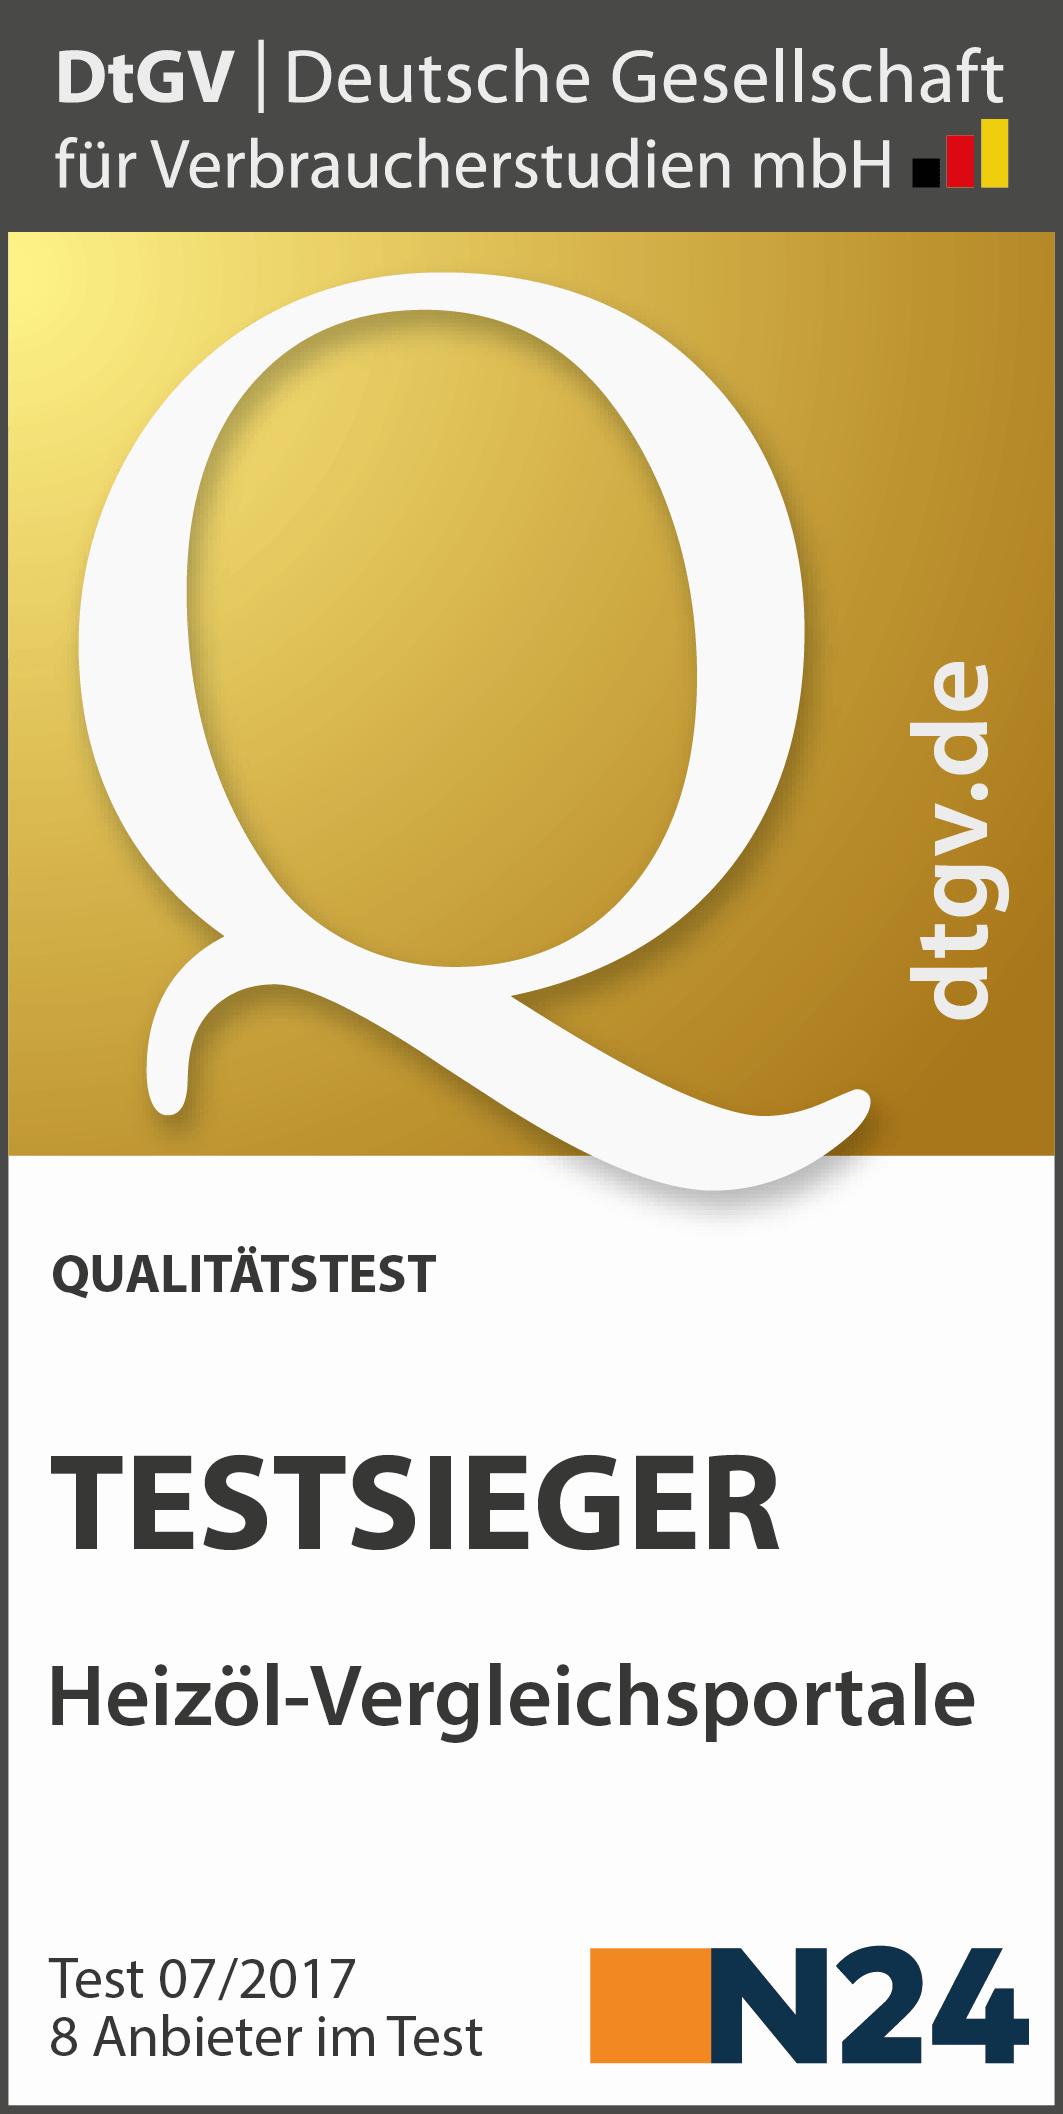 Testsieger Heizöl-Vergleichsportale 2017 - Deutsche Gesellschaft für Verbraucherstudien mbH